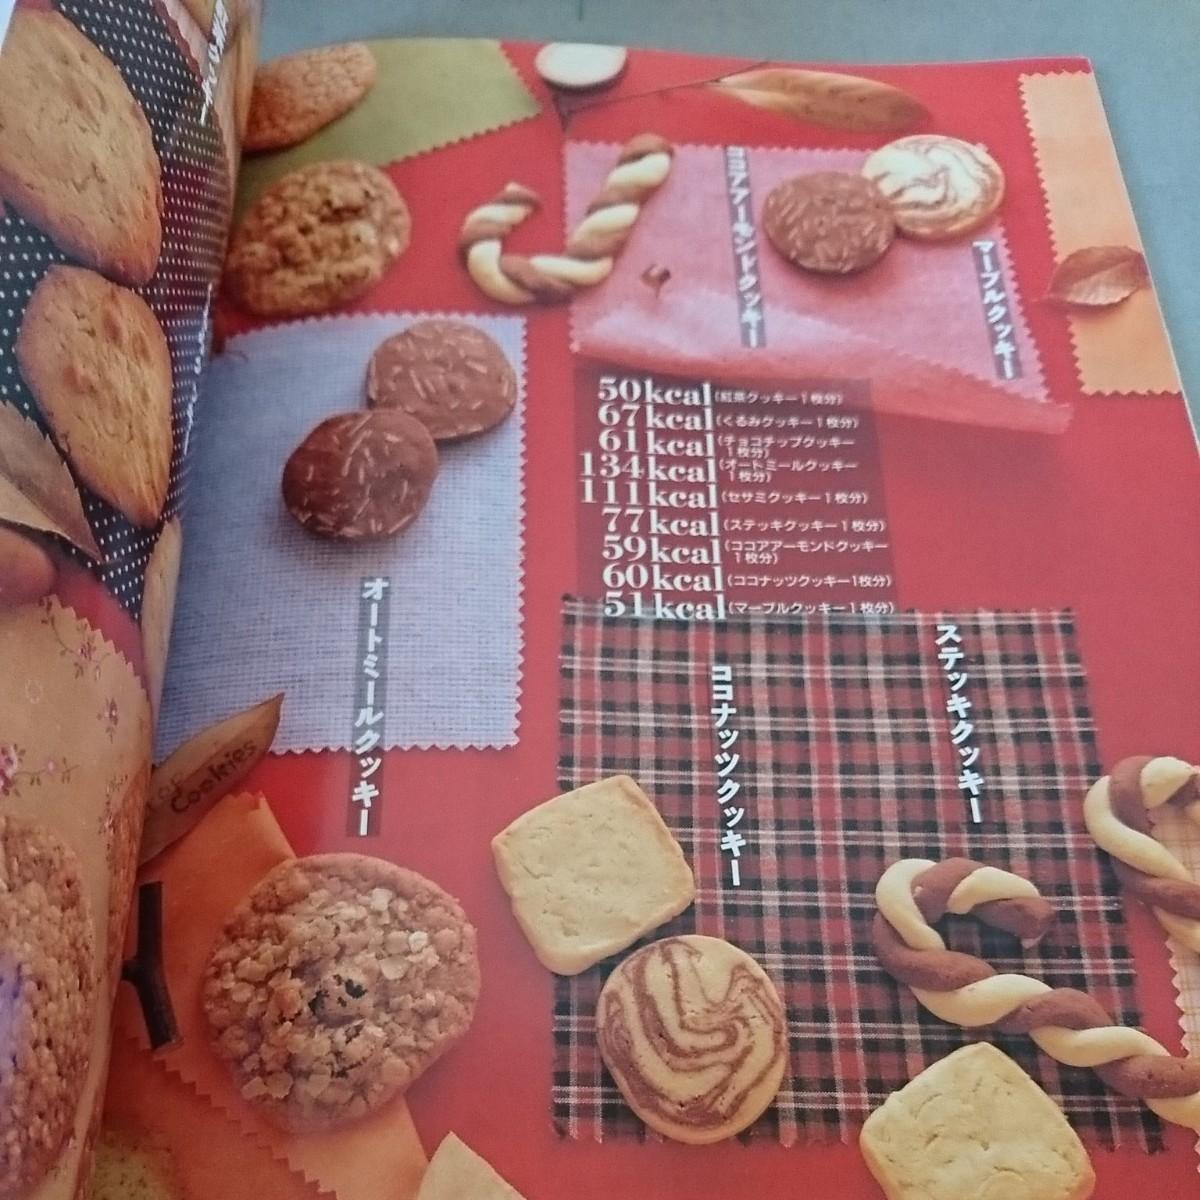 レシピ オレンジページ お菓子 スウィーツ 作る ケーキ クッキー